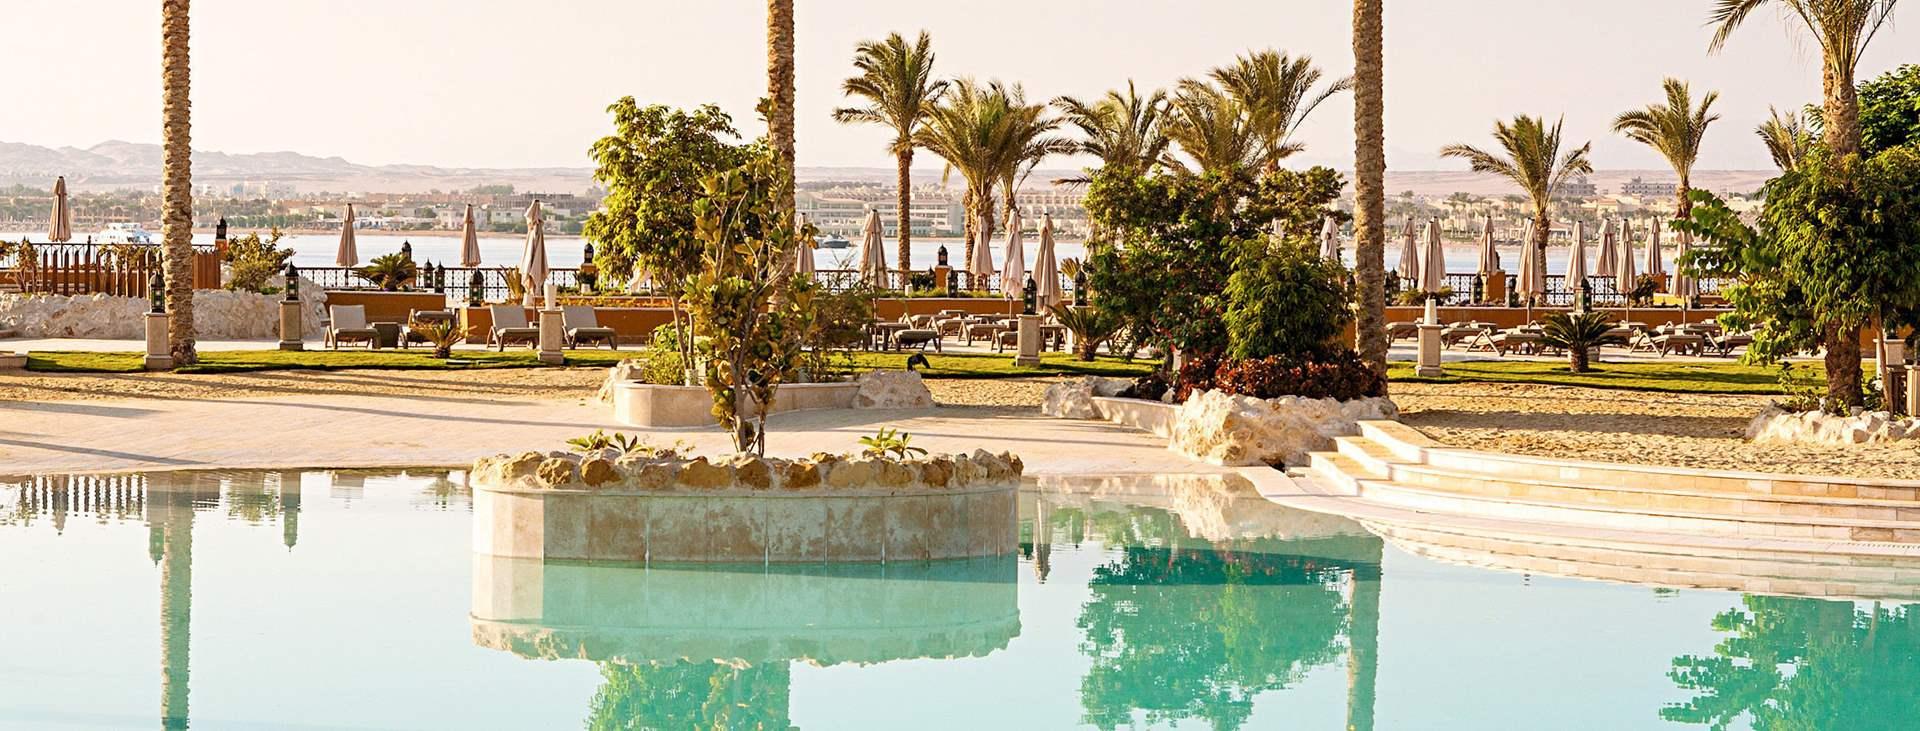 Boka en resa till solsäkra Egypten